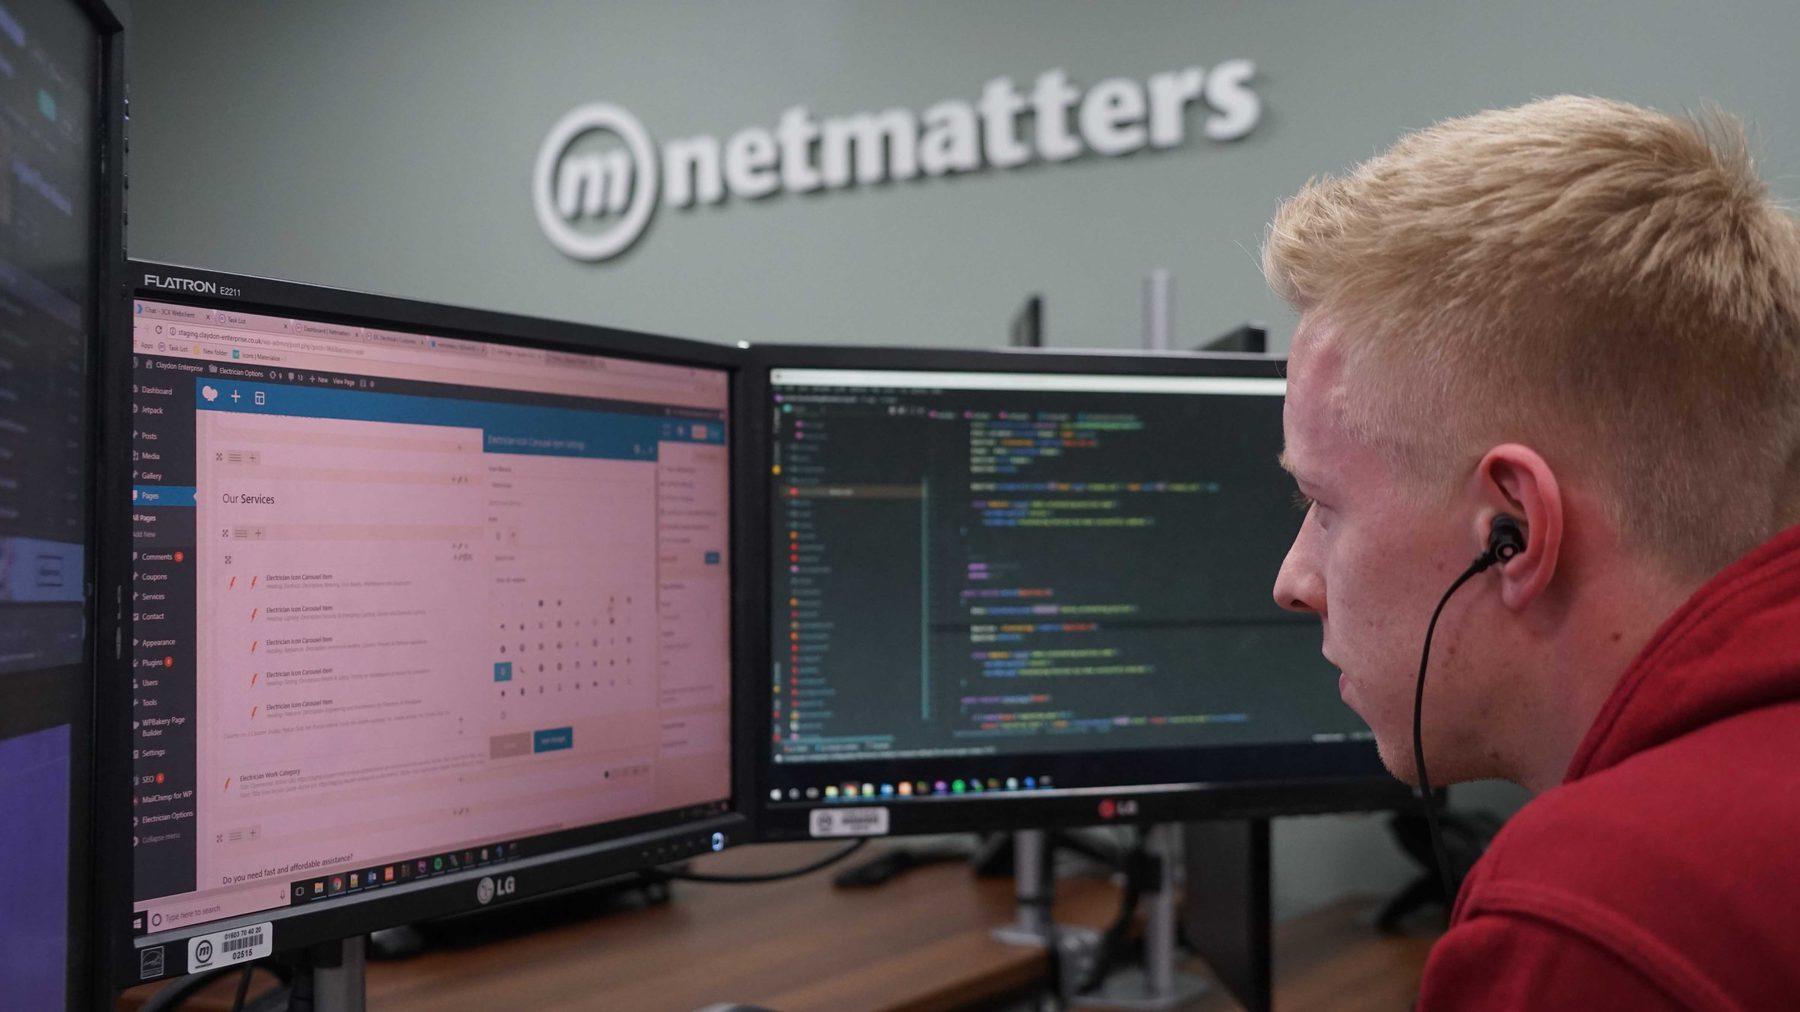 Netmatters Scion Scheme